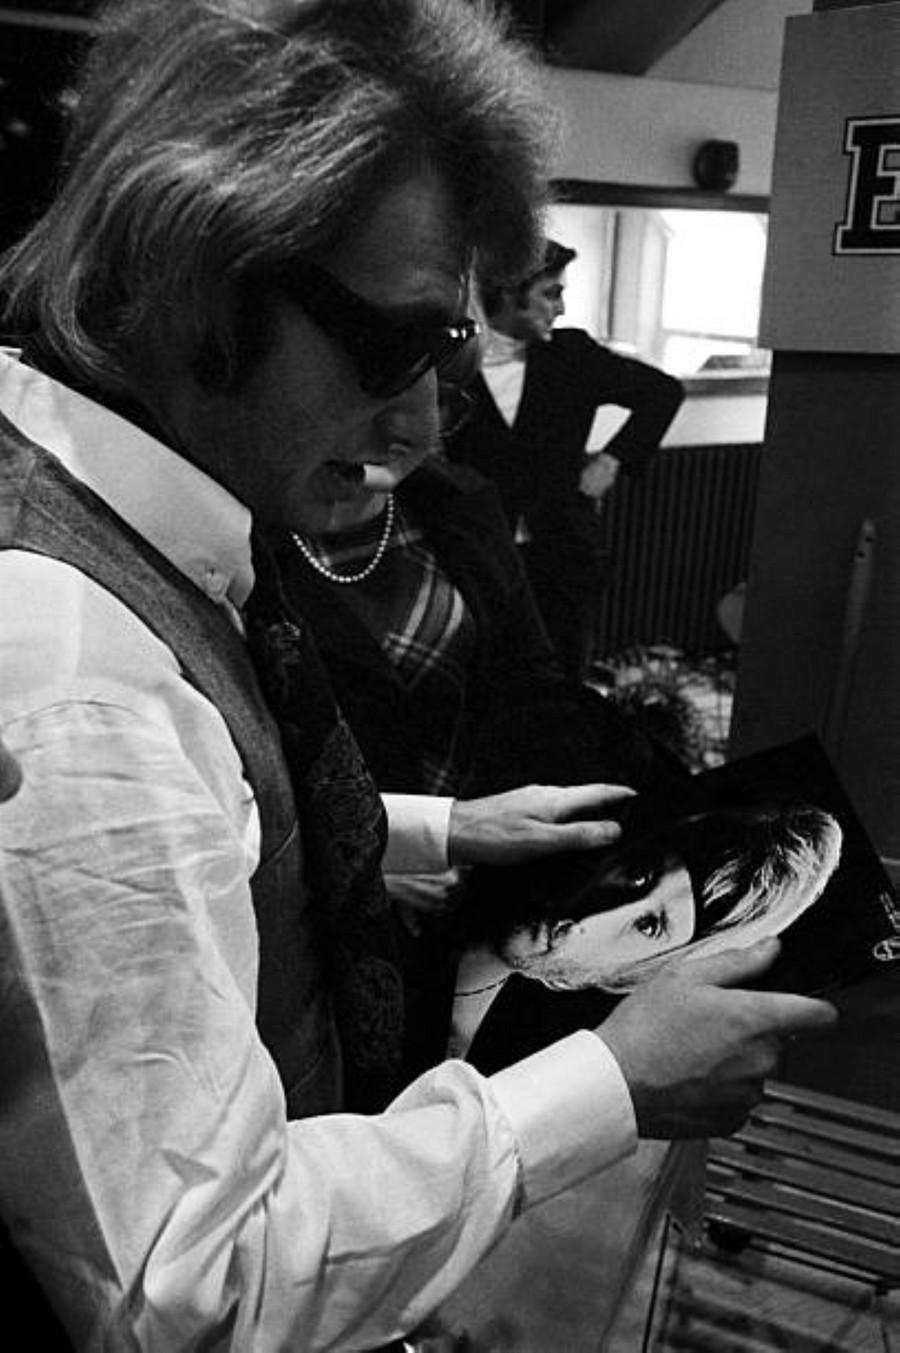 LES CONCERTS DE JOHNNY 'QUEBEC, CANADA 1969' Getty889